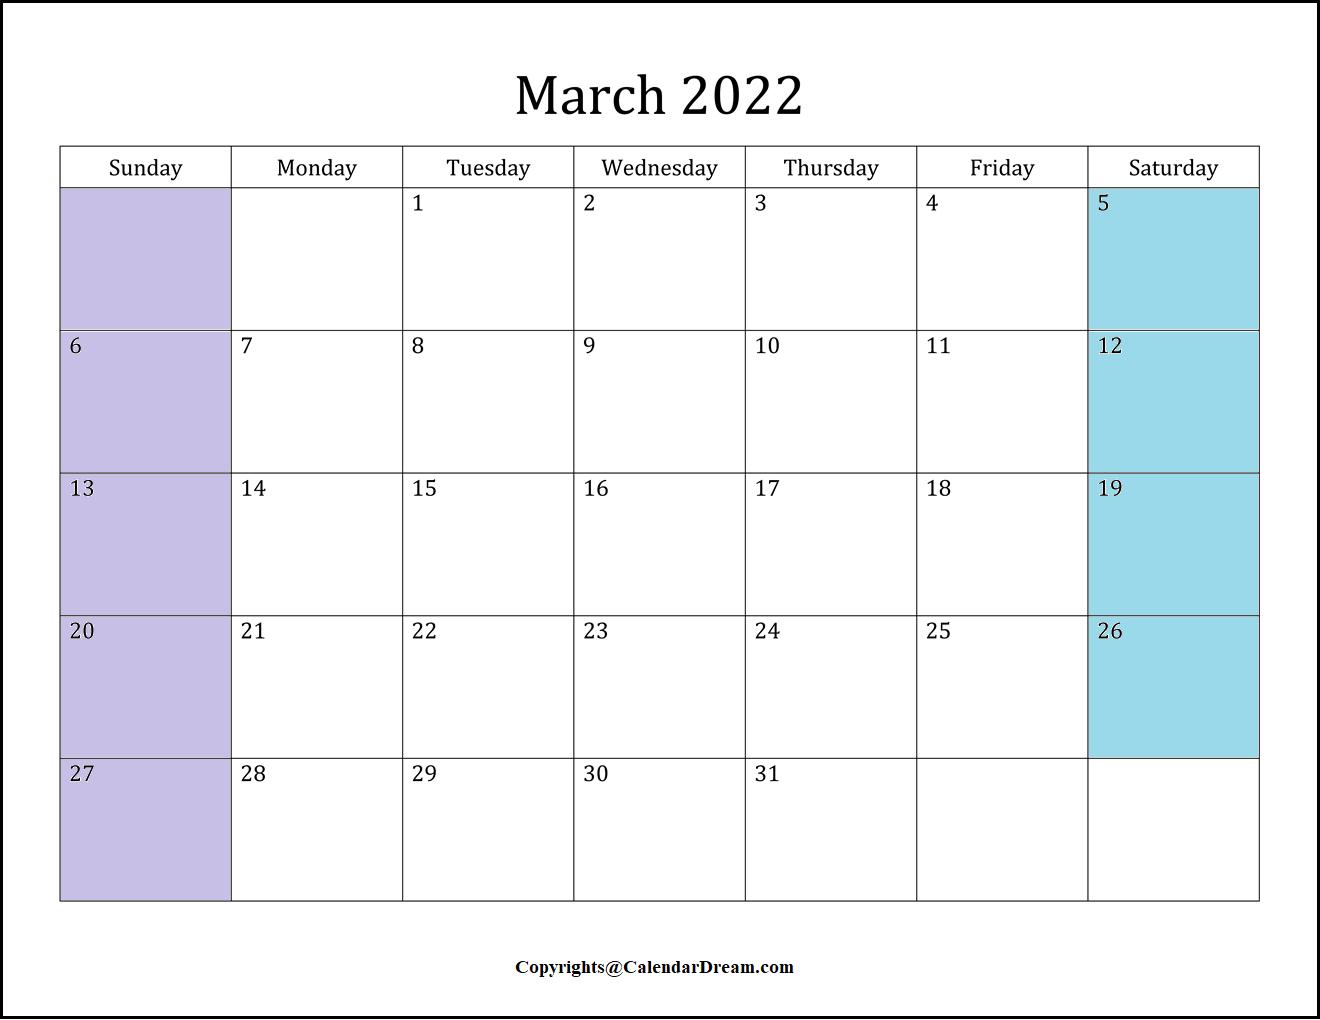 March 2022 Calendar Template